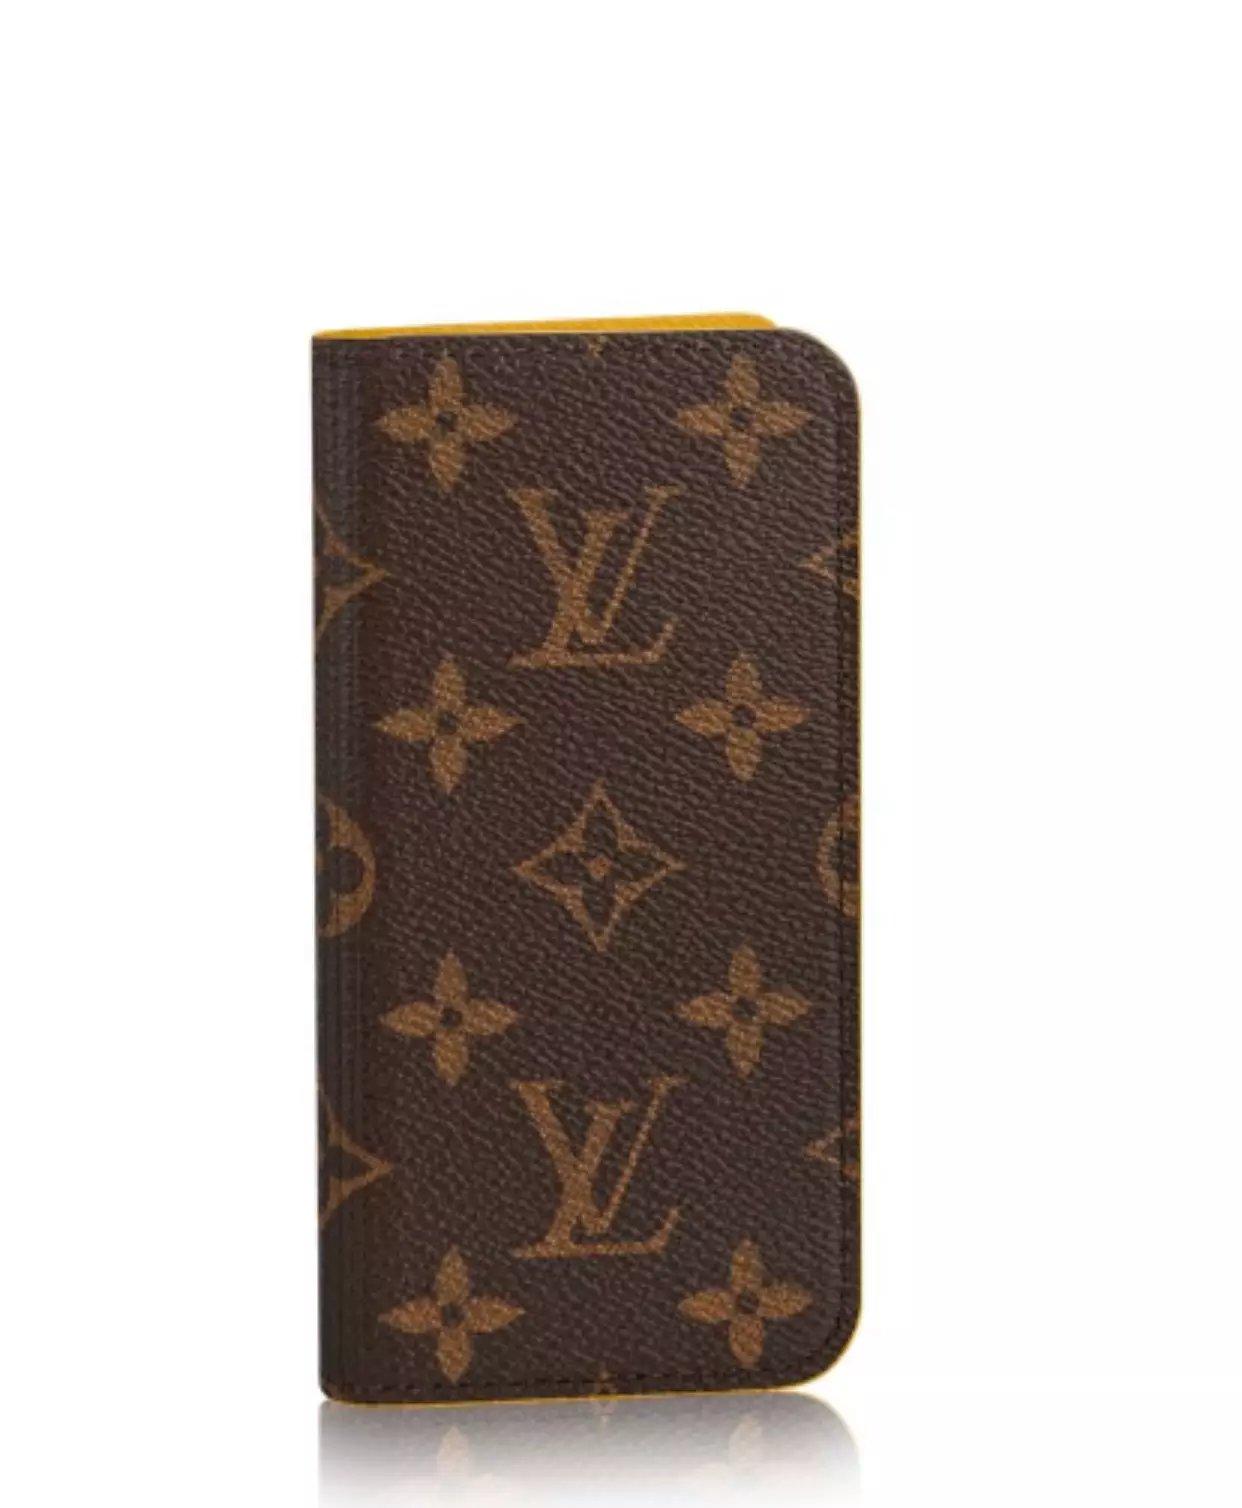 handyhülle foto iphone günstige iphone hüllen Louis Vuitton iphone6s plus hülle ipohn 6s lederetui für iphone 6s Plus iphone 6 kosten phone ca6s 6slber gestalten handyhülle beschriften lustige iphone 6s Plus hüllen